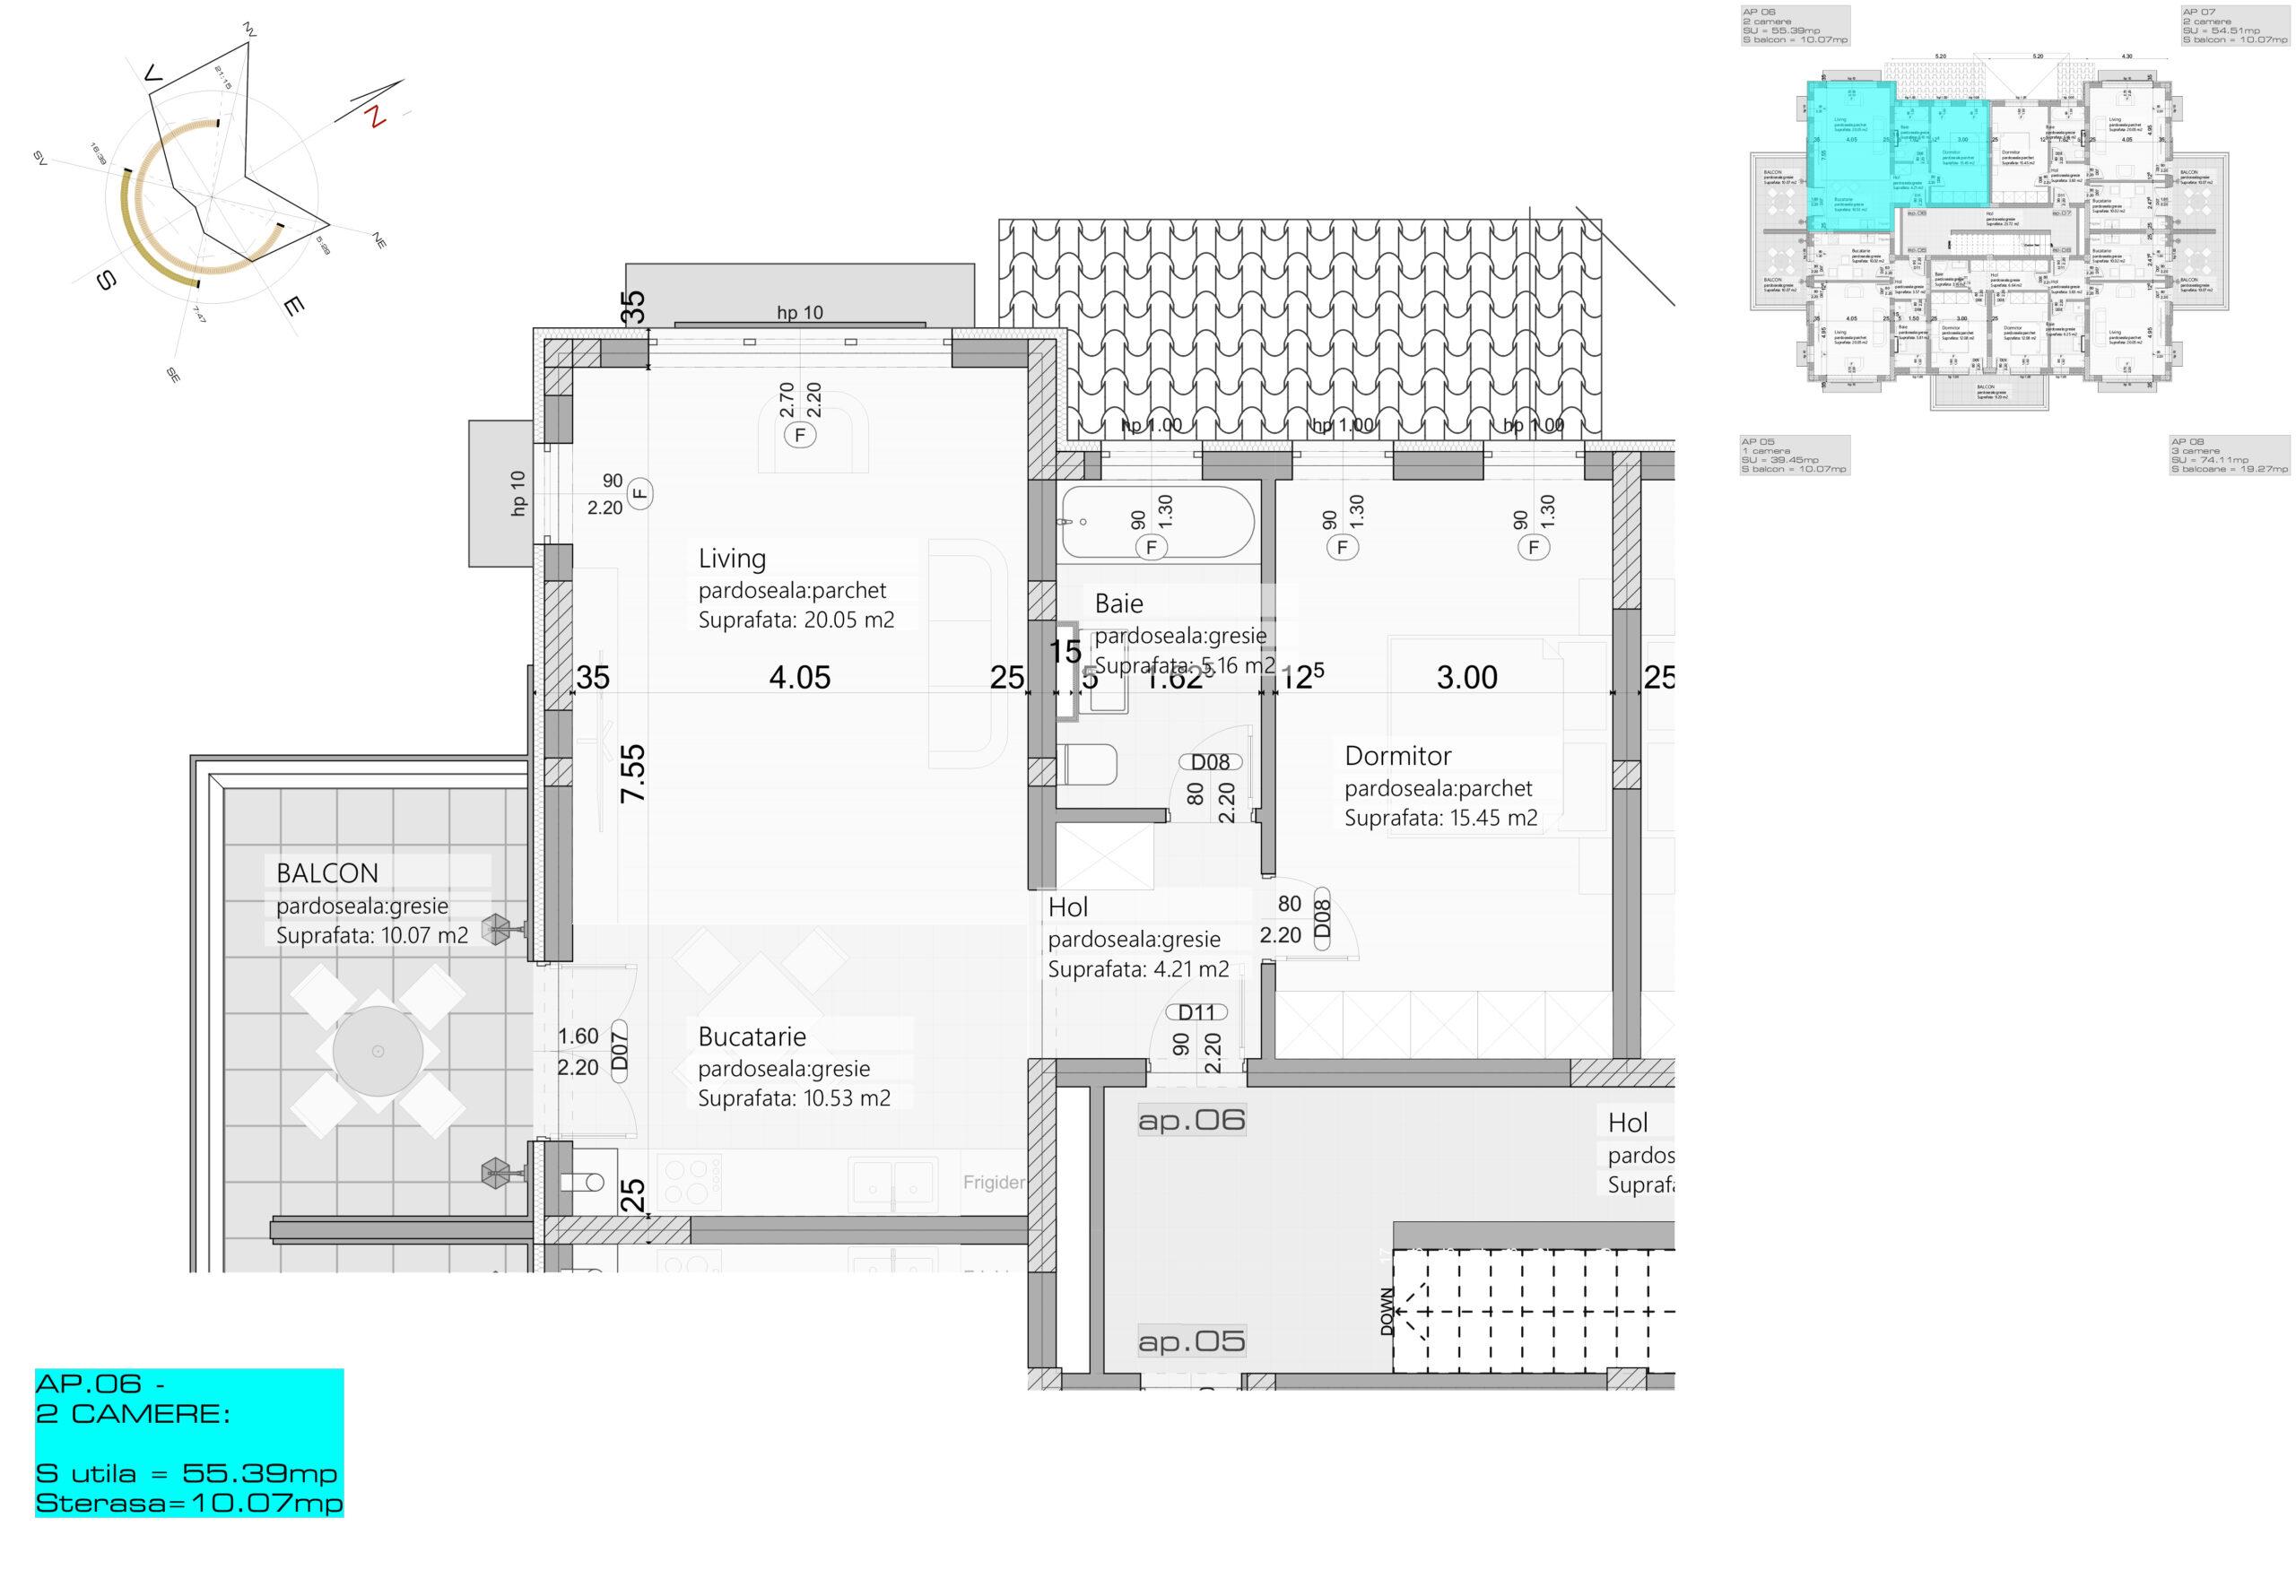 Apartament 6 – Etaj 1 – 2 camere